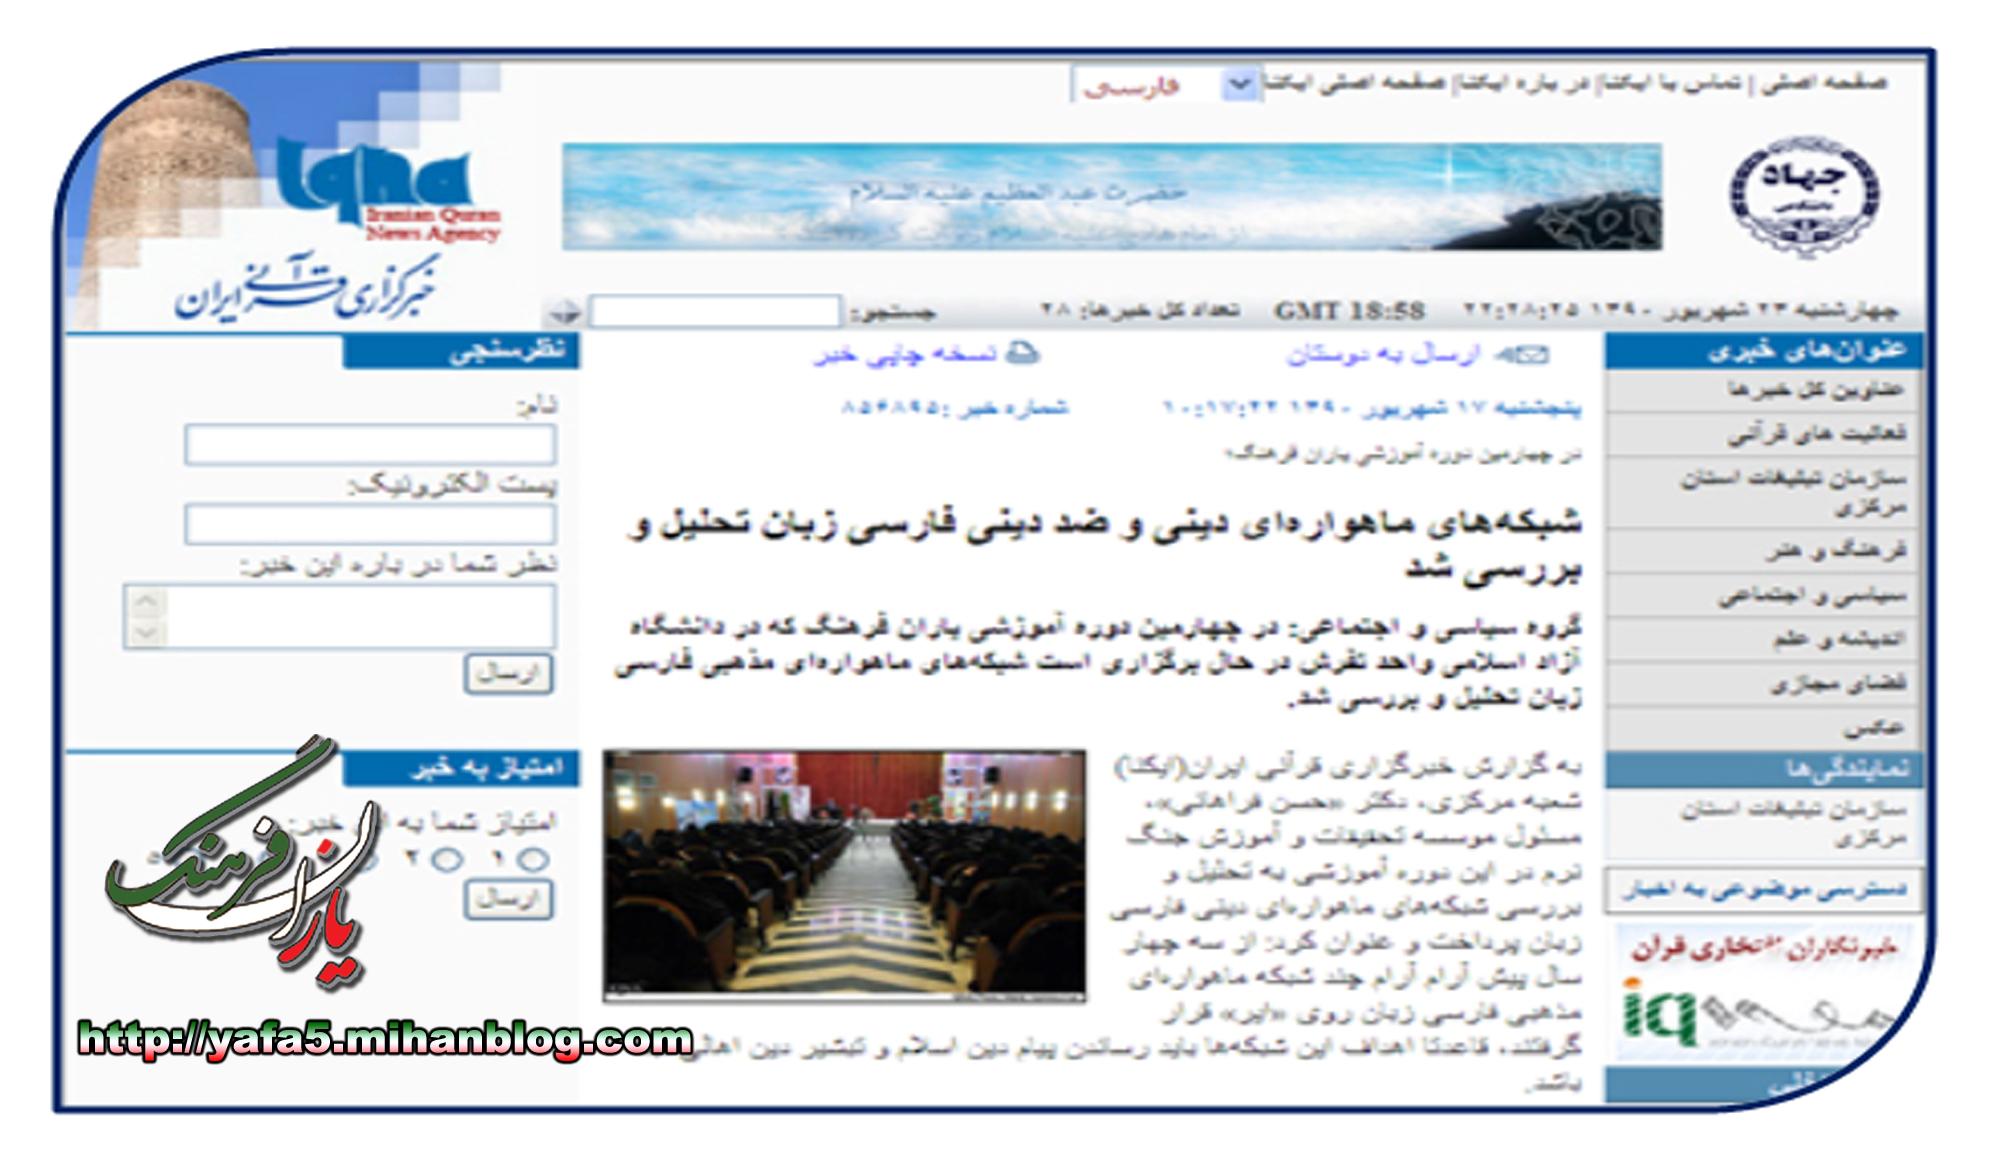 انعکاس خبر کلاس تحلیل شبکه های ماهواره ای در چهارمین دوره آموزشی یاران فرهنگ ویژه برادران توسط خبرگزاری ایکنا